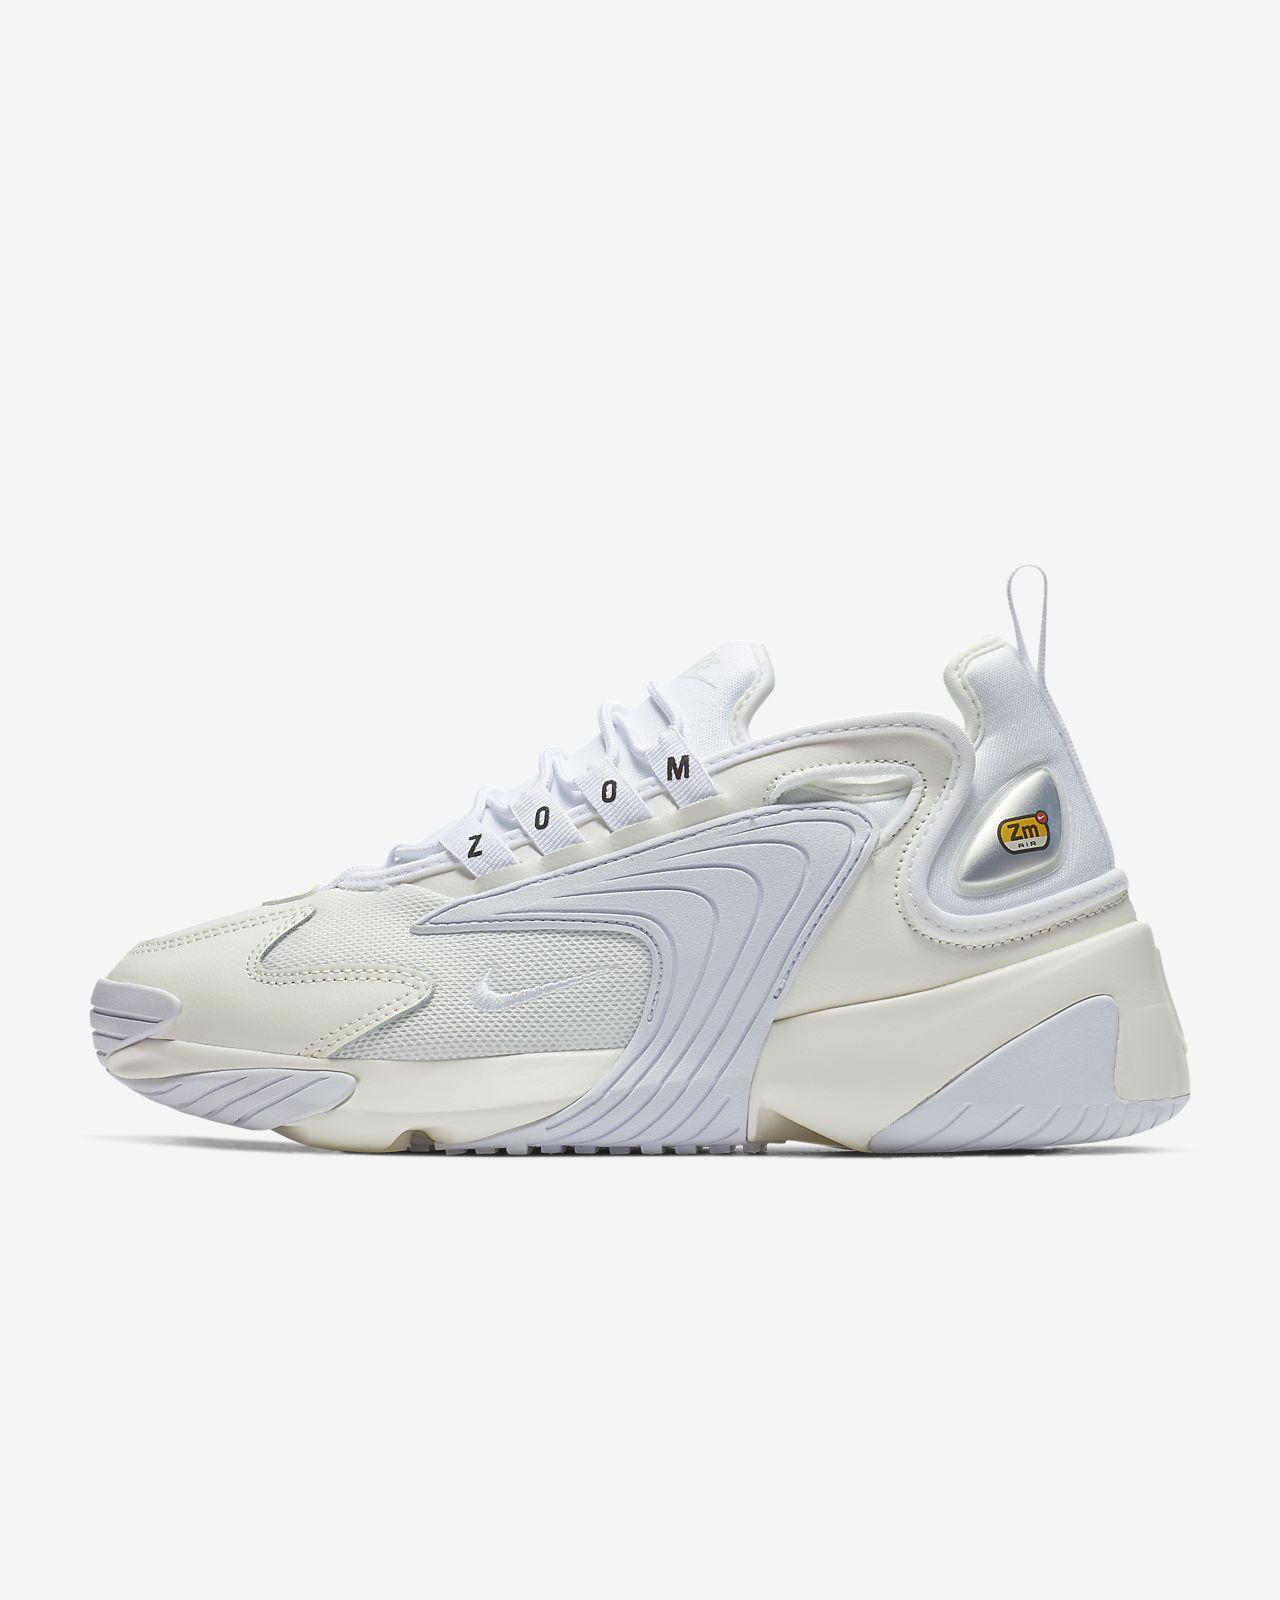 Nike Zoom 2K Sneakers WhiteBlack